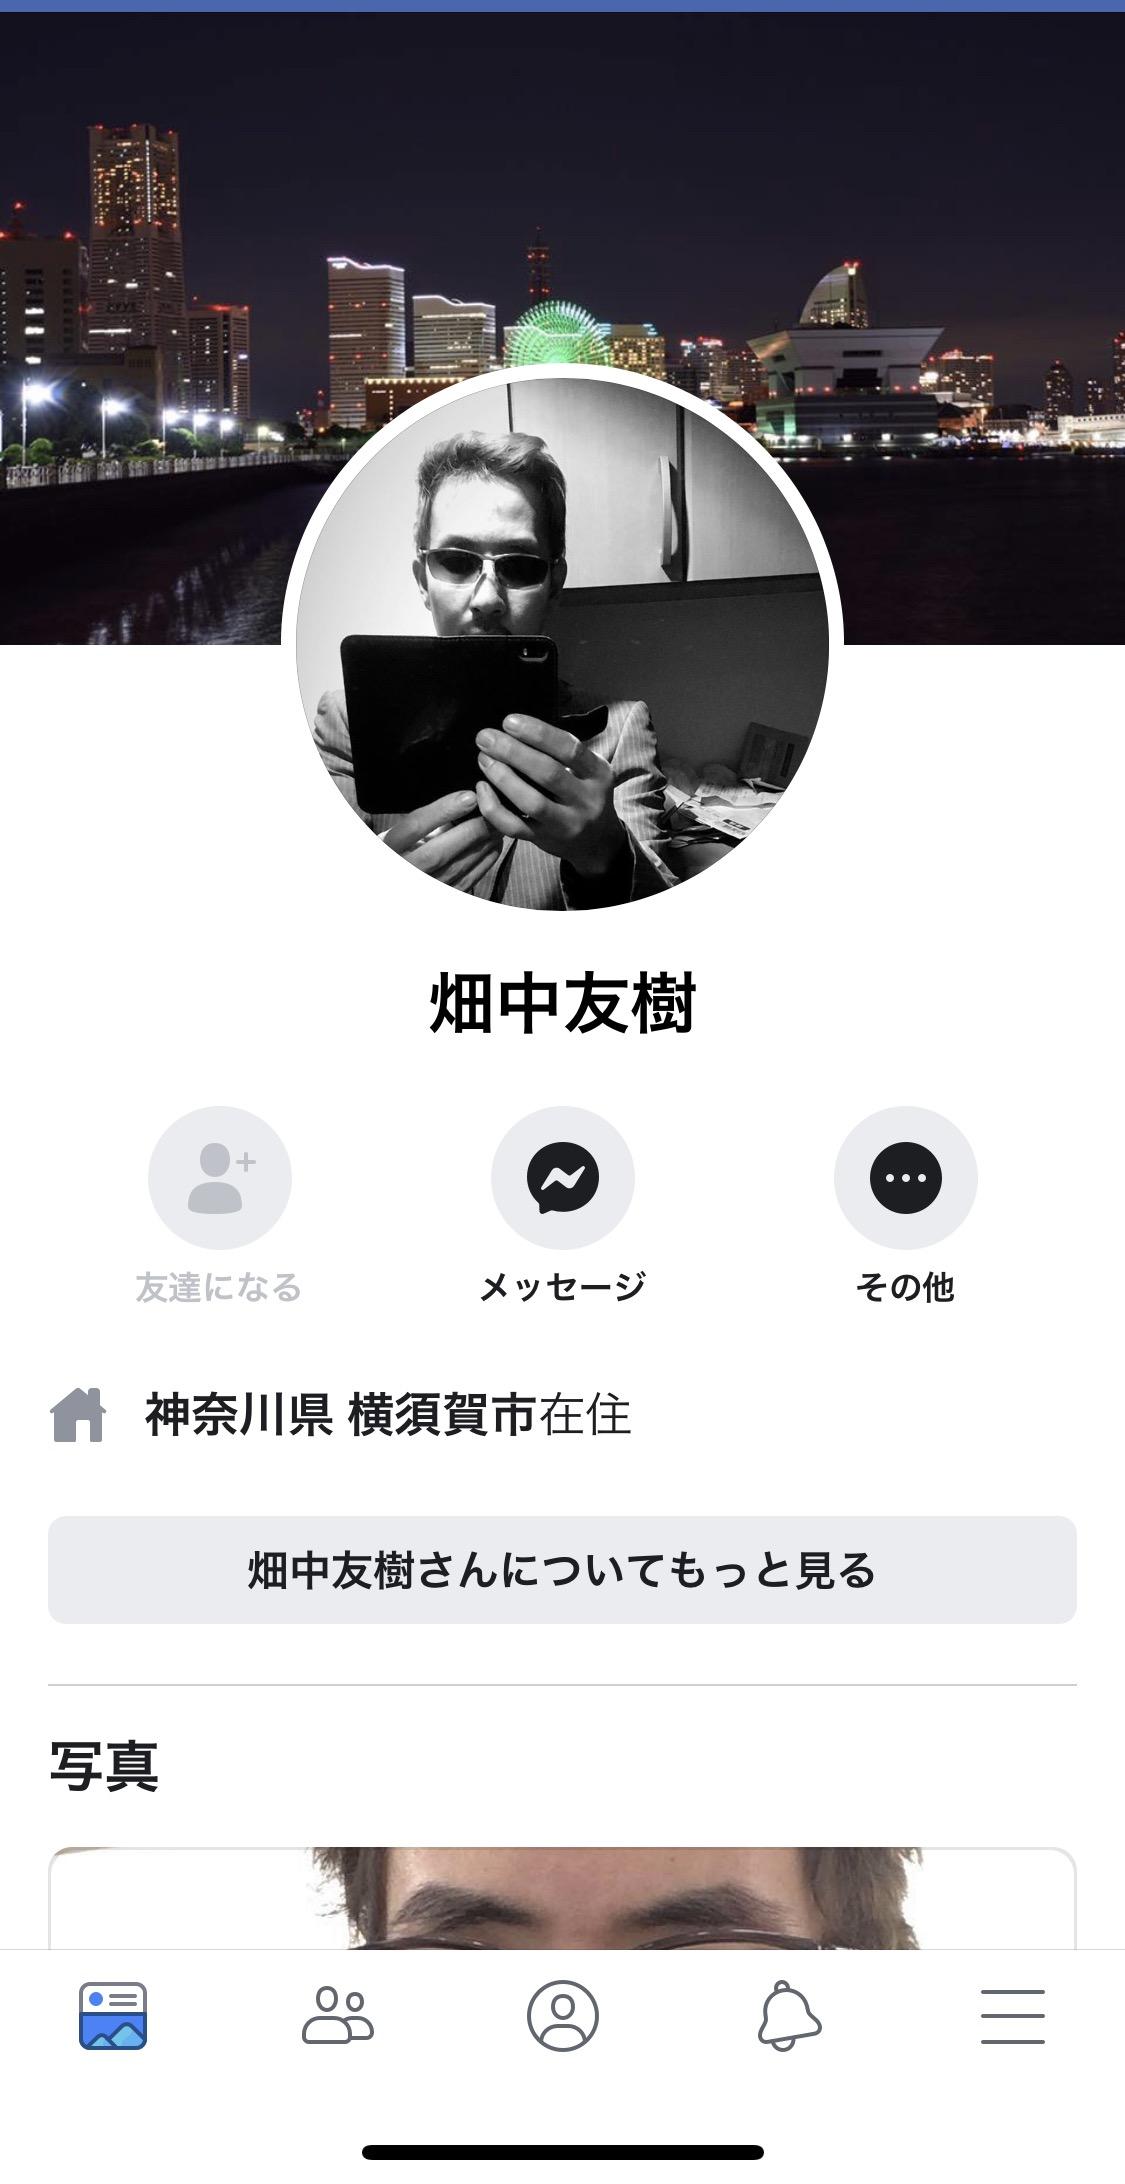 【日産期間工のリアル情報】日産自動車 期間工 横浜 Part5、